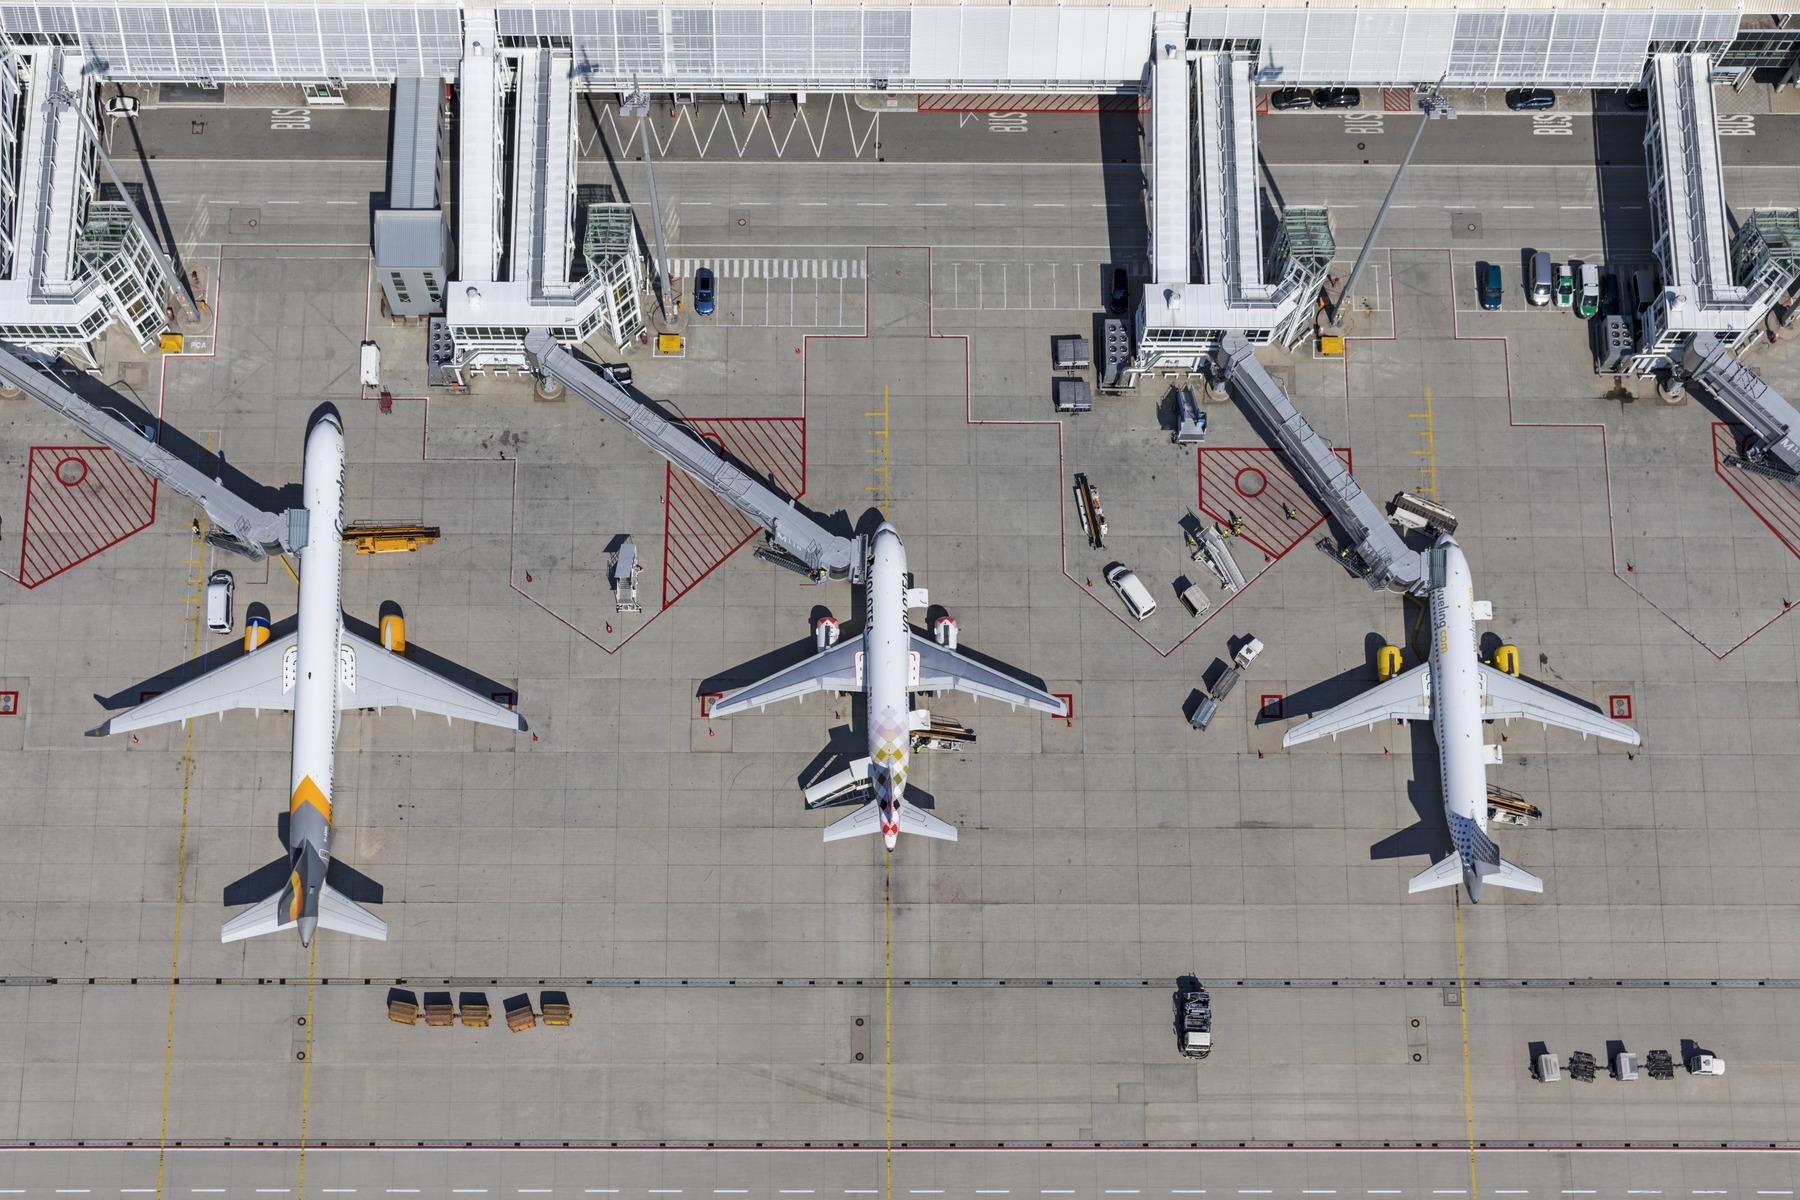 Stadig flere prøver at tage toget – fremfor flyet – på kortere distancer. Pressearkivfoto fra Frankfurt Lufthavn.